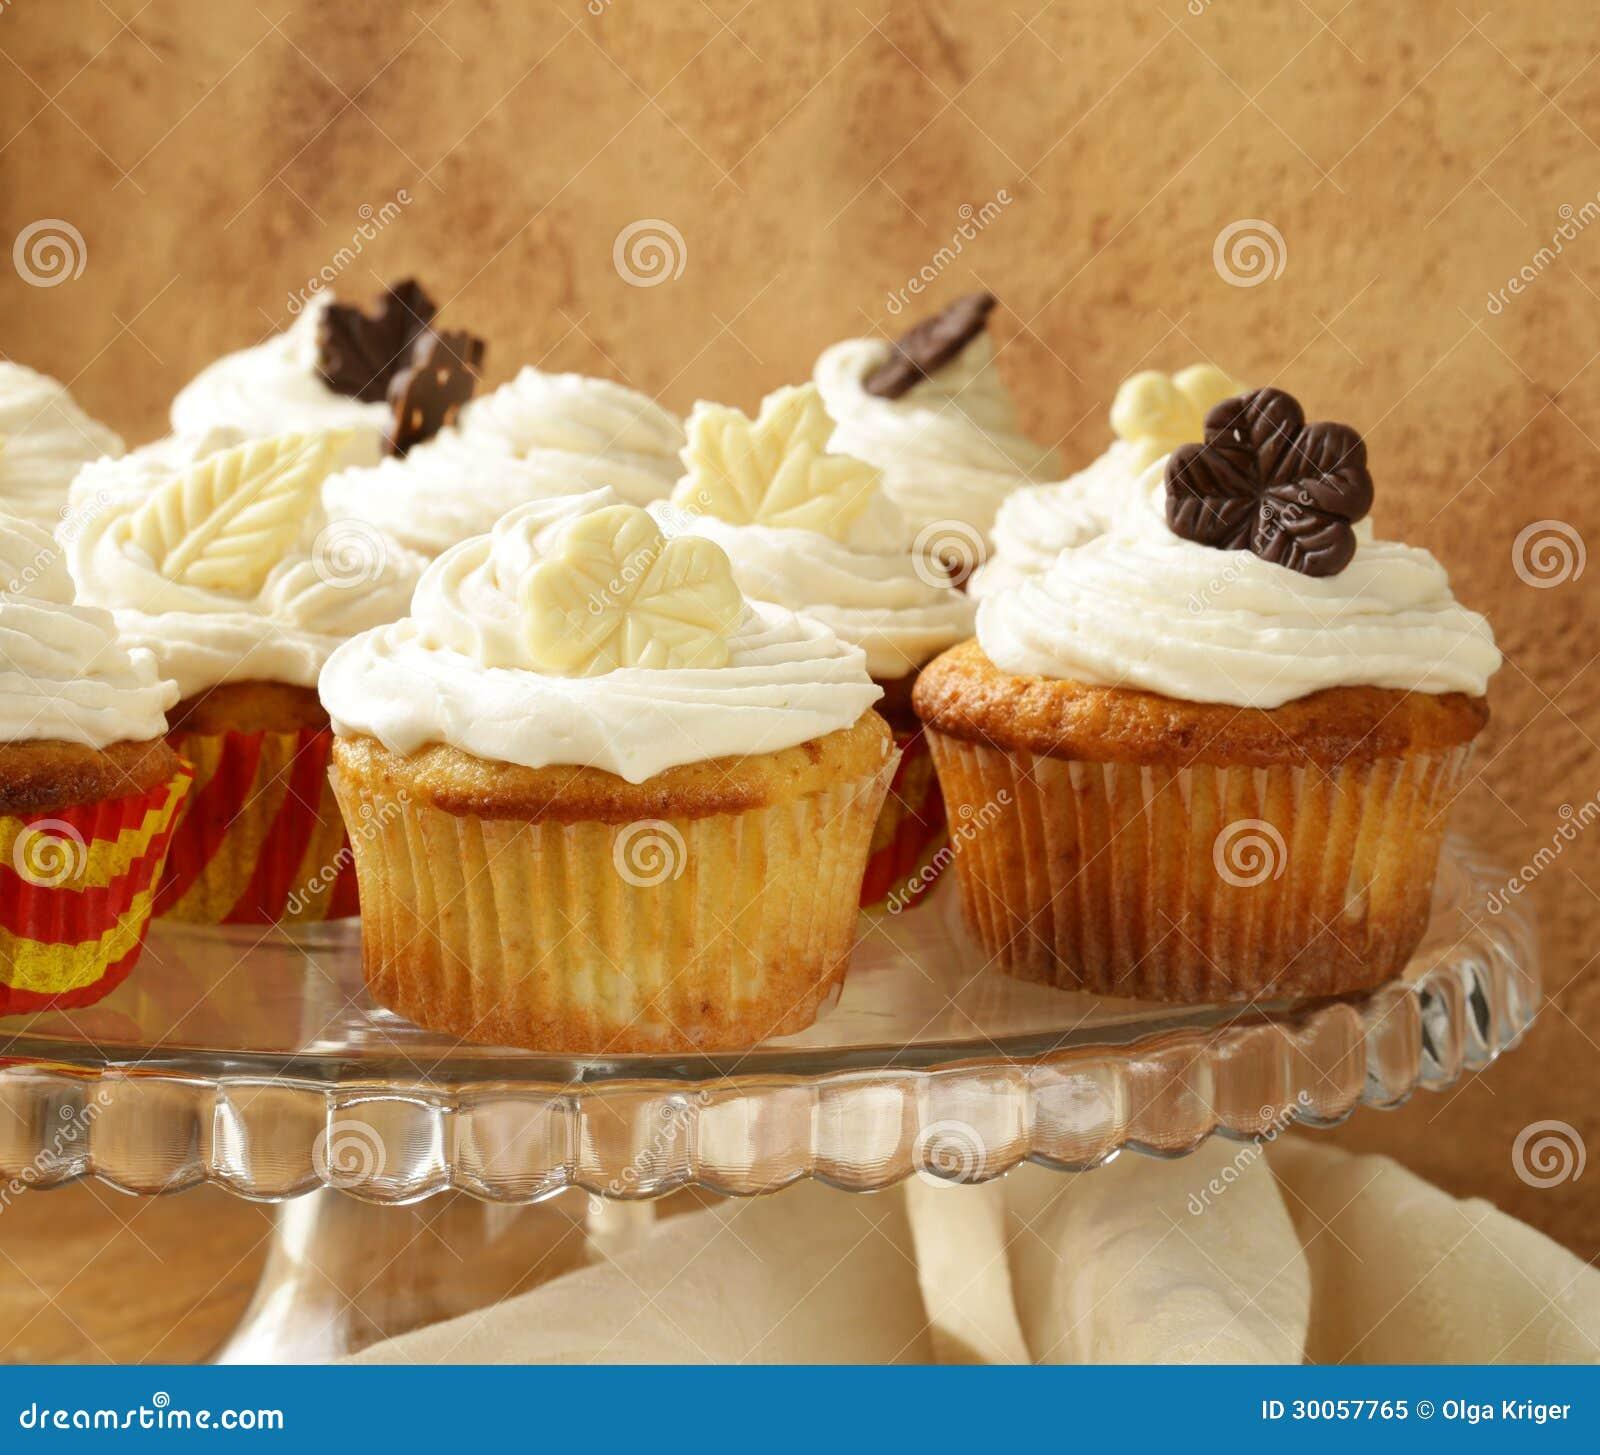 Kleine Kuchen Mit Creme Und Schokolade Stockbild Bild Von Frisch